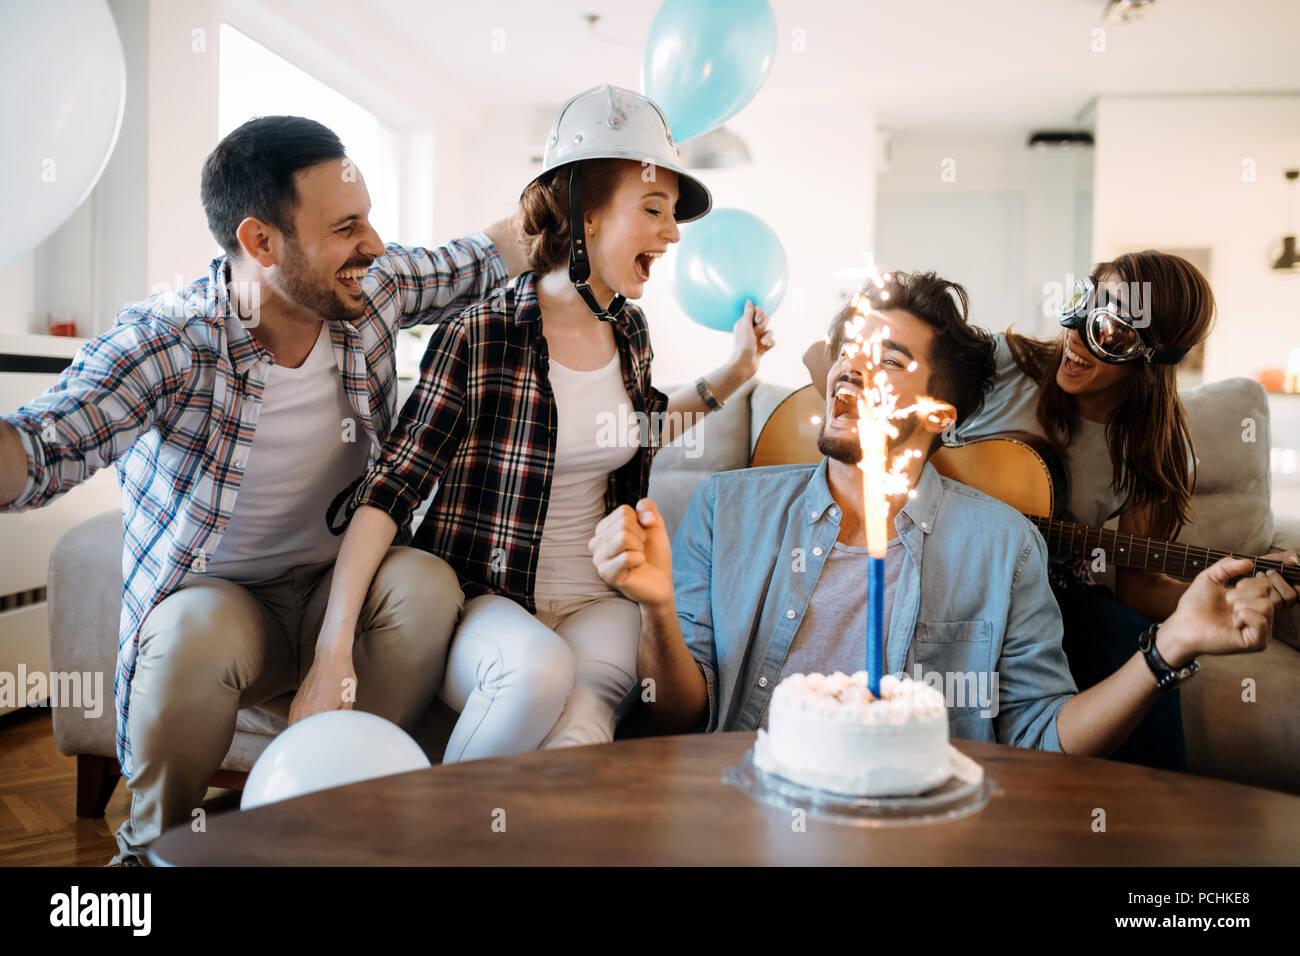 Gruppo giovane di felice amici festeggia il compleanno Immagini Stock